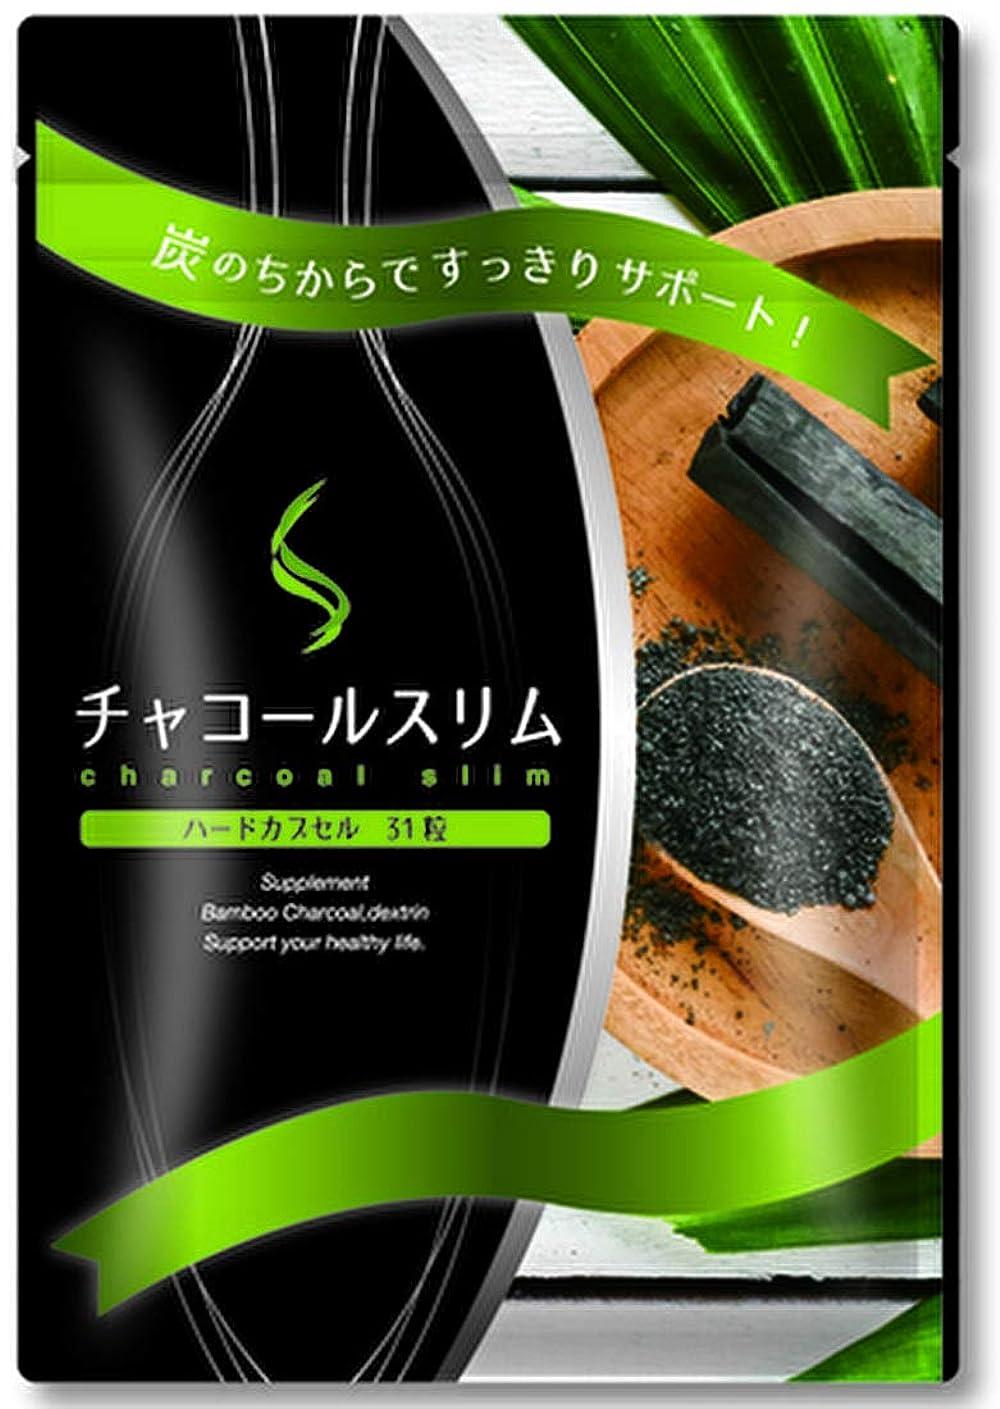 角度アーク計算可能竹炭 チャコールスリム (31粒) ダイエットサプリ 国産 竹炭 備長炭 チャコールダイエット